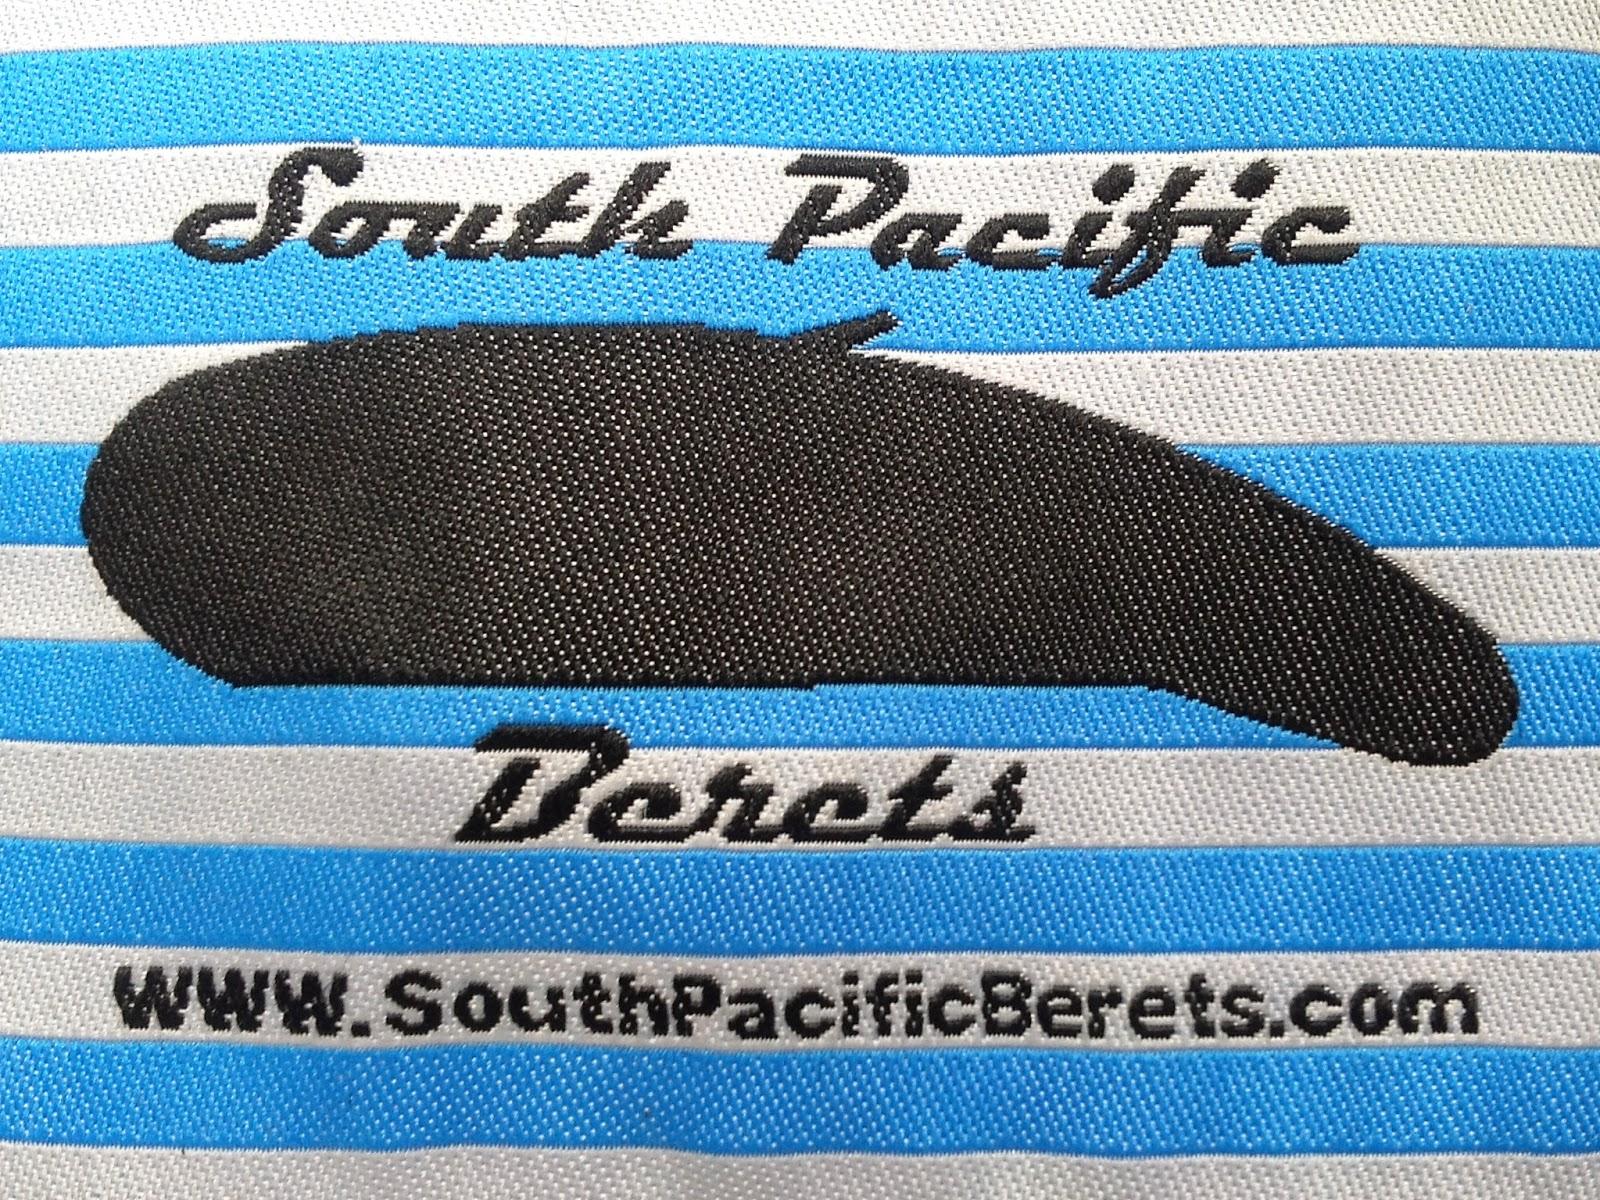 The Beret Project  Village Hat Shop vs South Pacific Berets a936d009994e